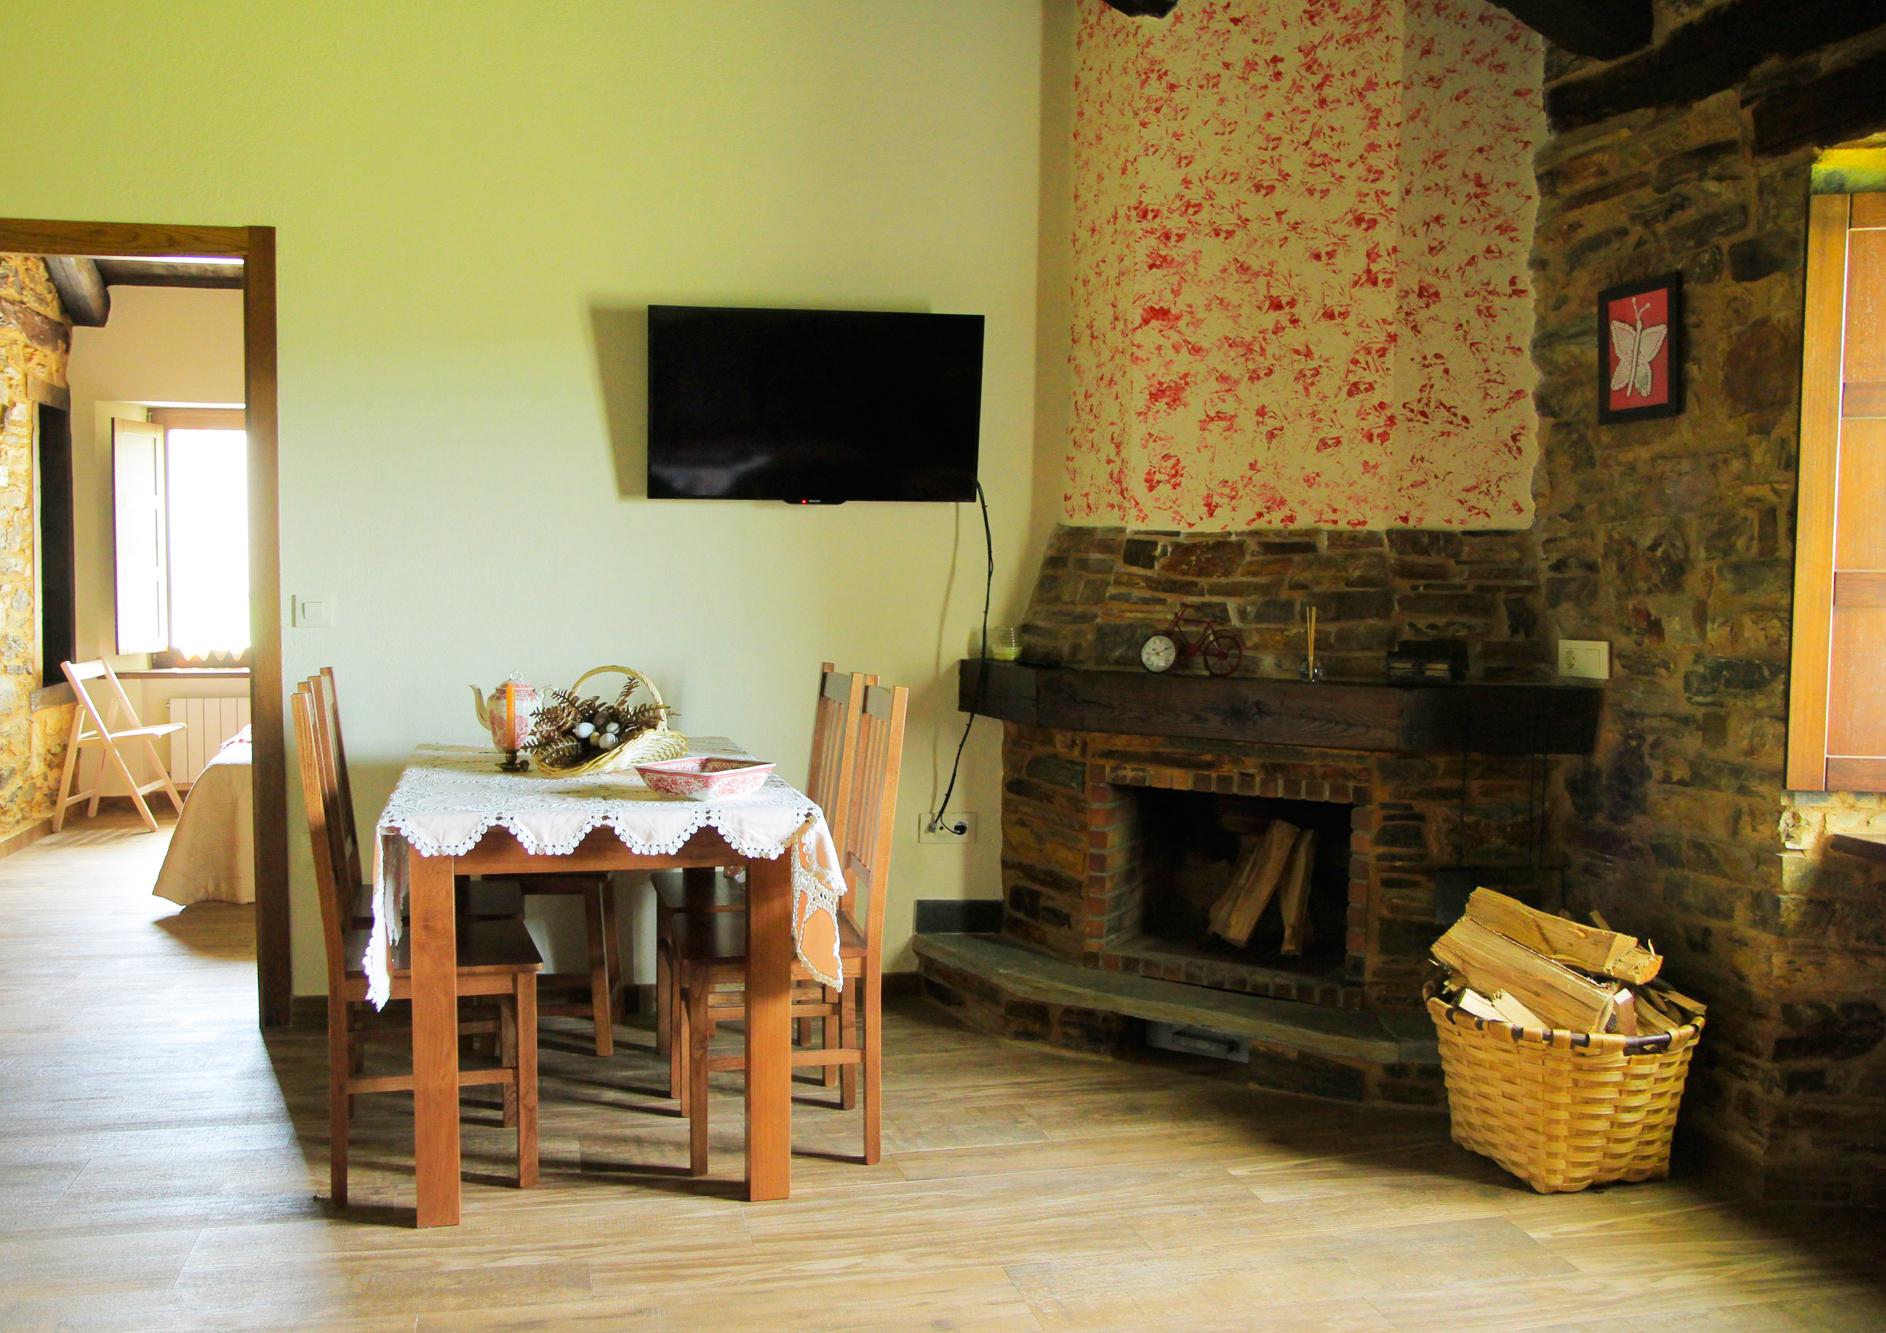 Salon cocina con chimenea del apartamento Rosalía de Castro